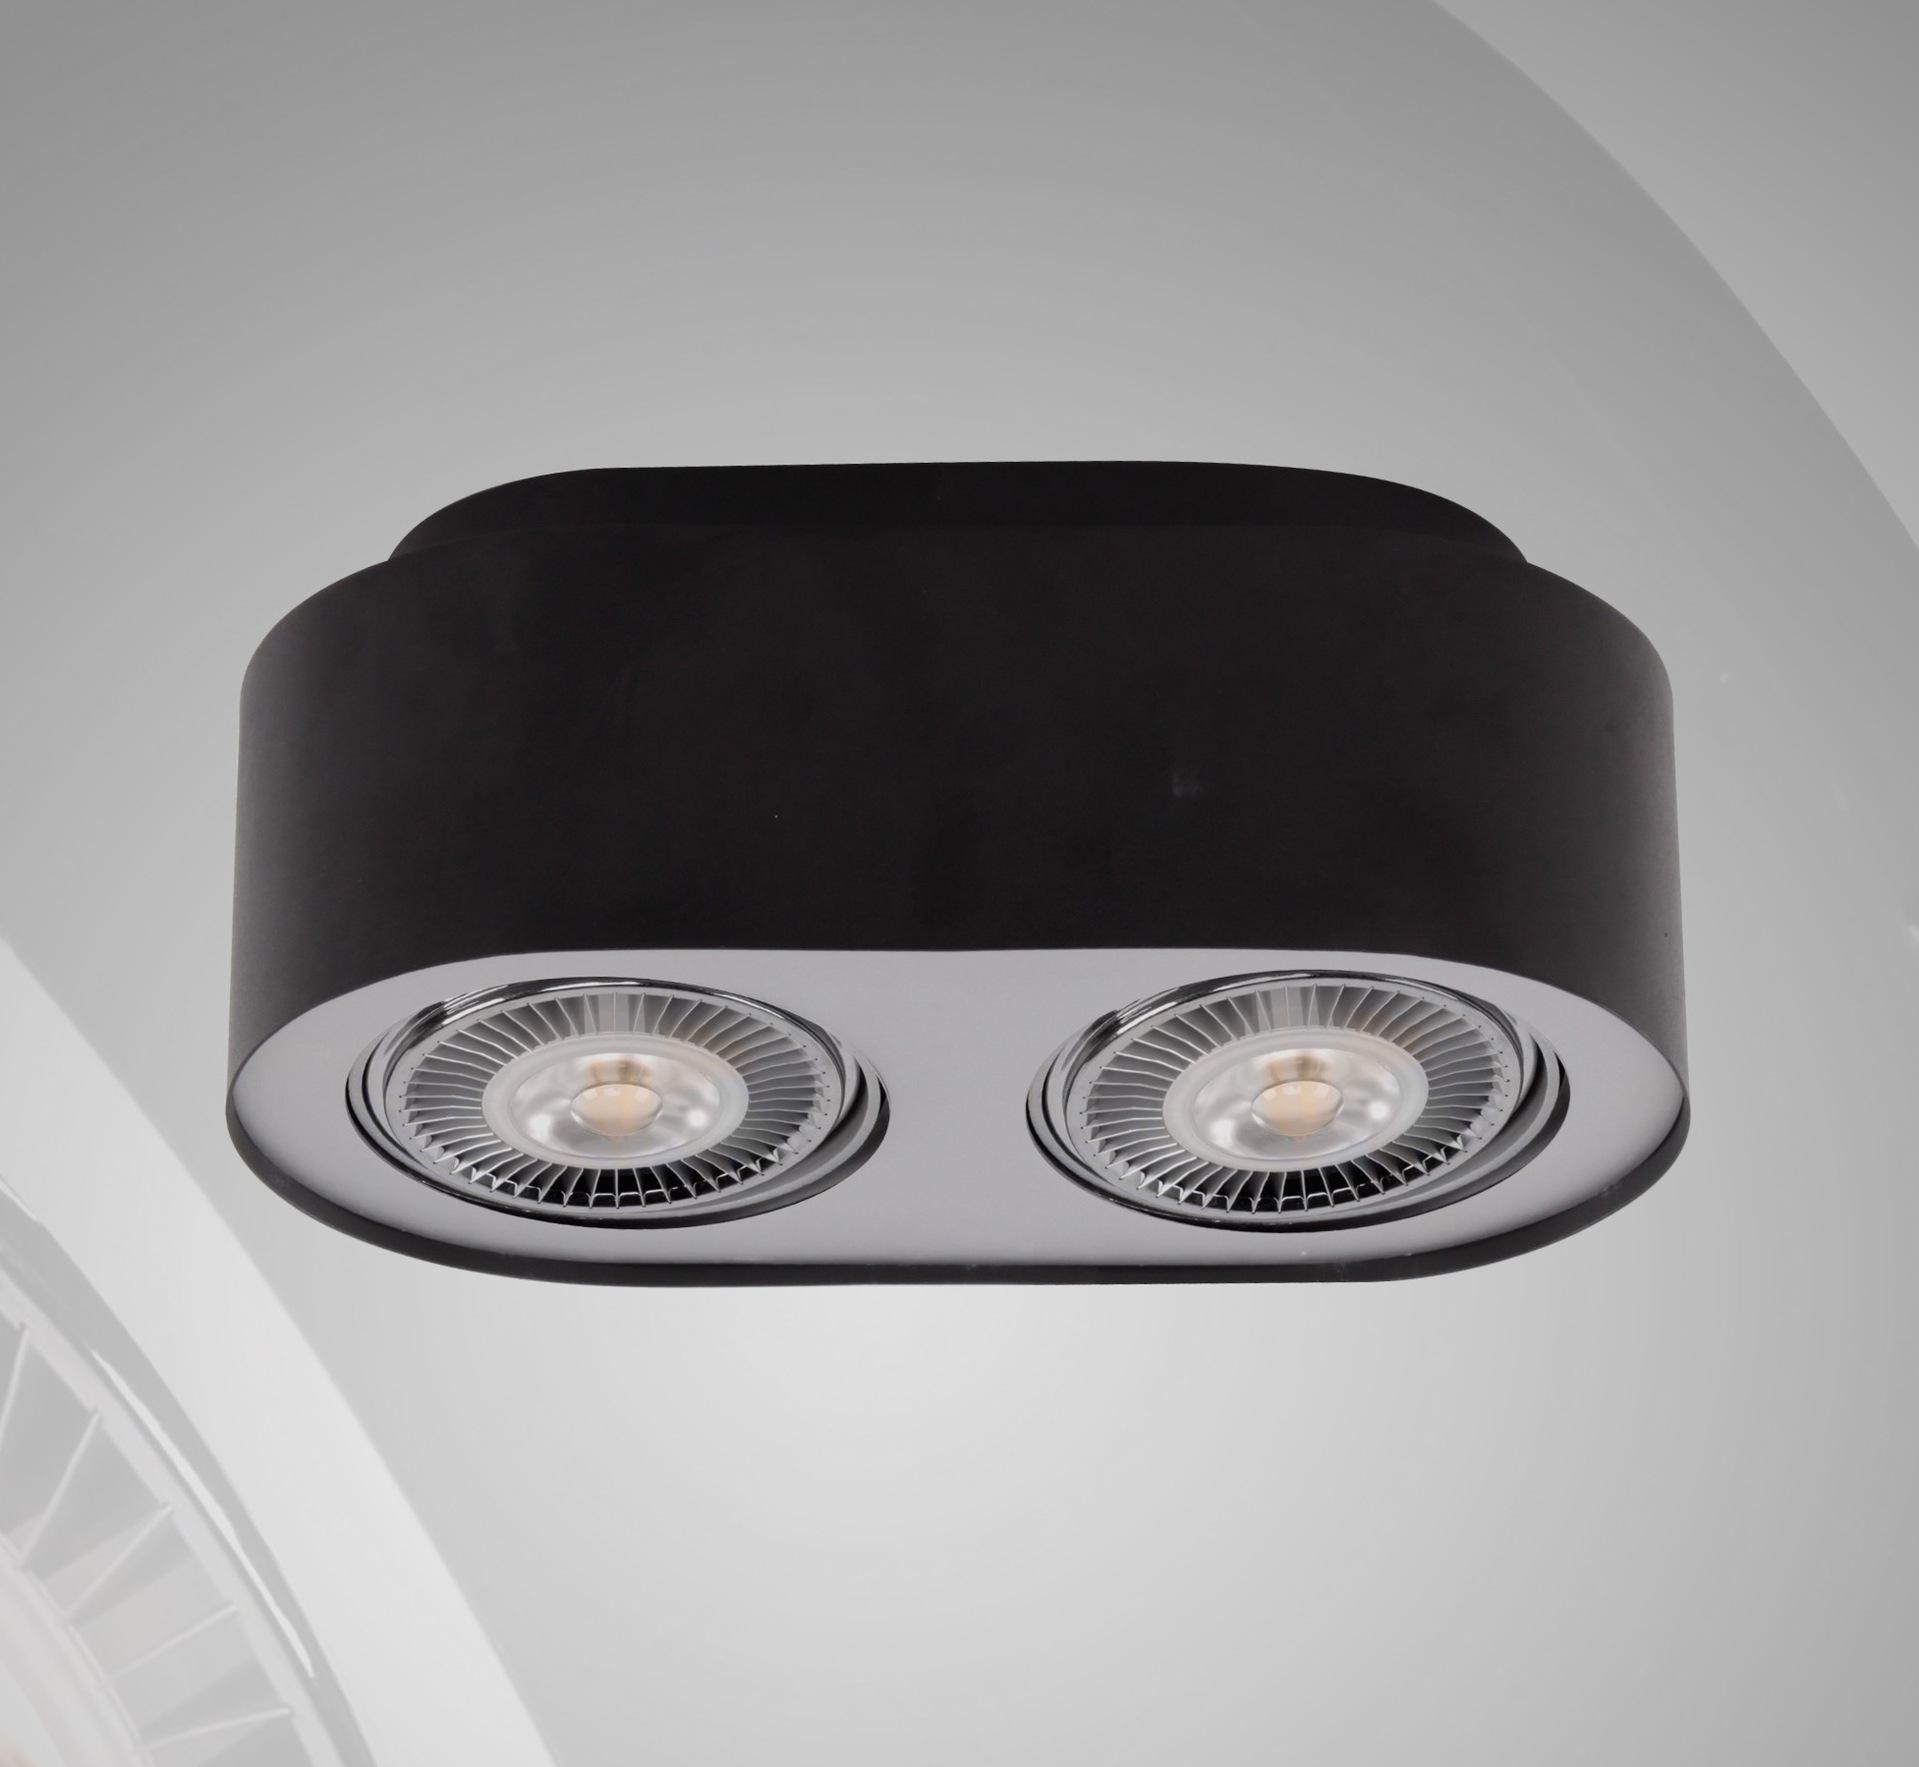 明装筒灯尺寸是多少 筒灯与射灯哪个好